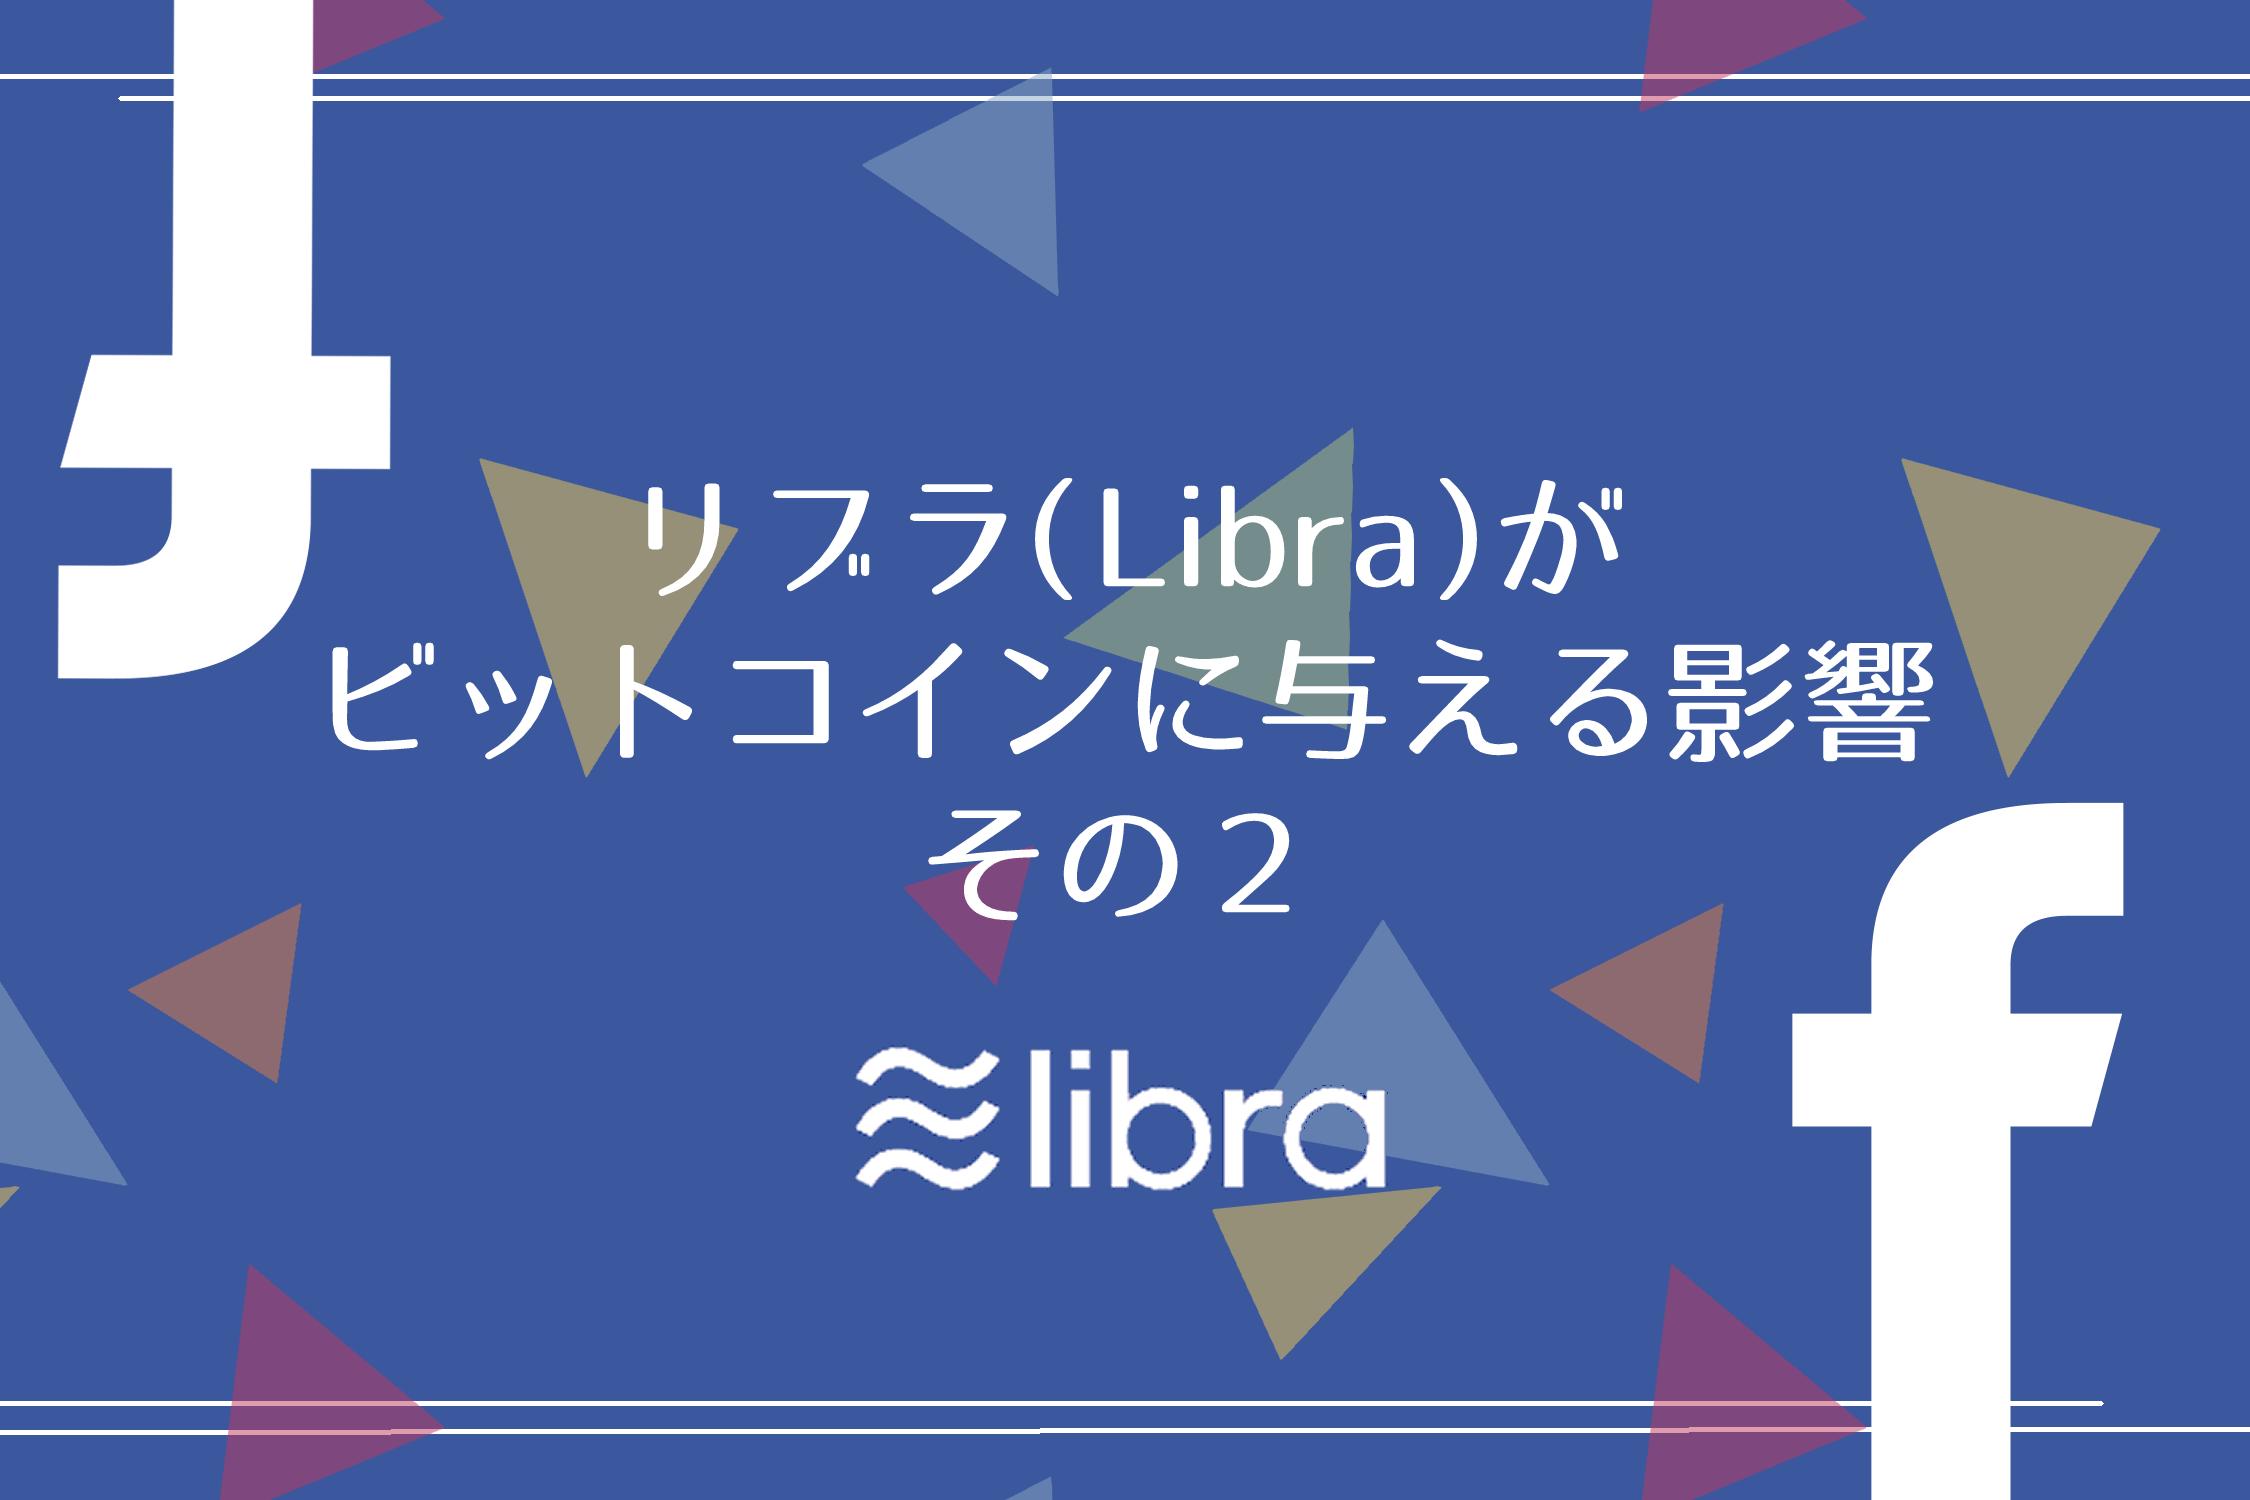 リブラ(Libra) 与える影響